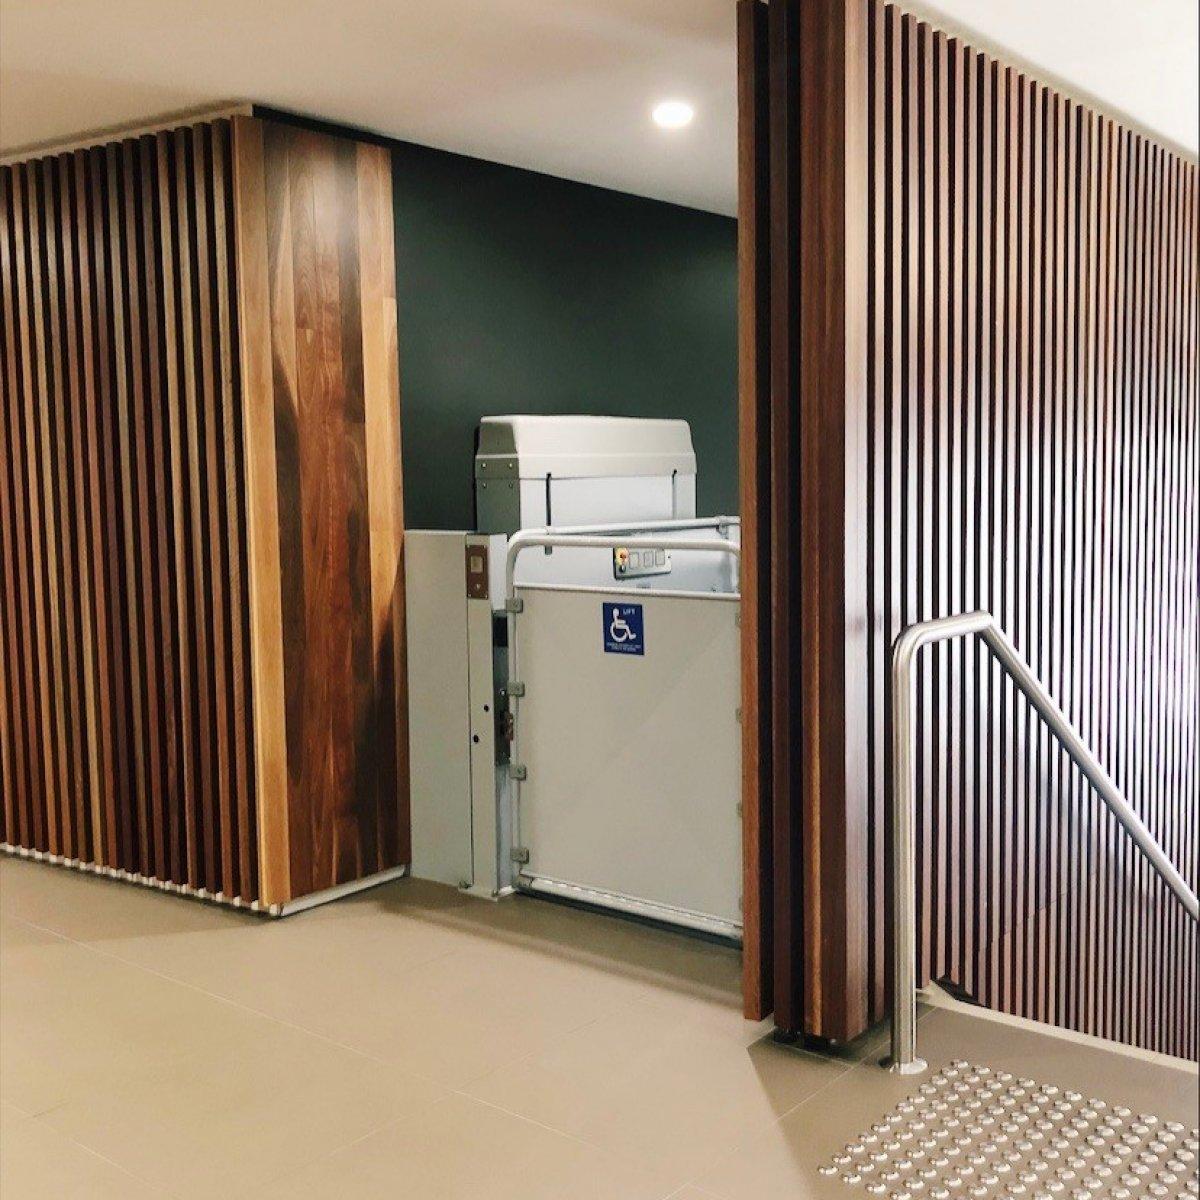 Platform Lifts | Simplex Elevators Gallery Image 10